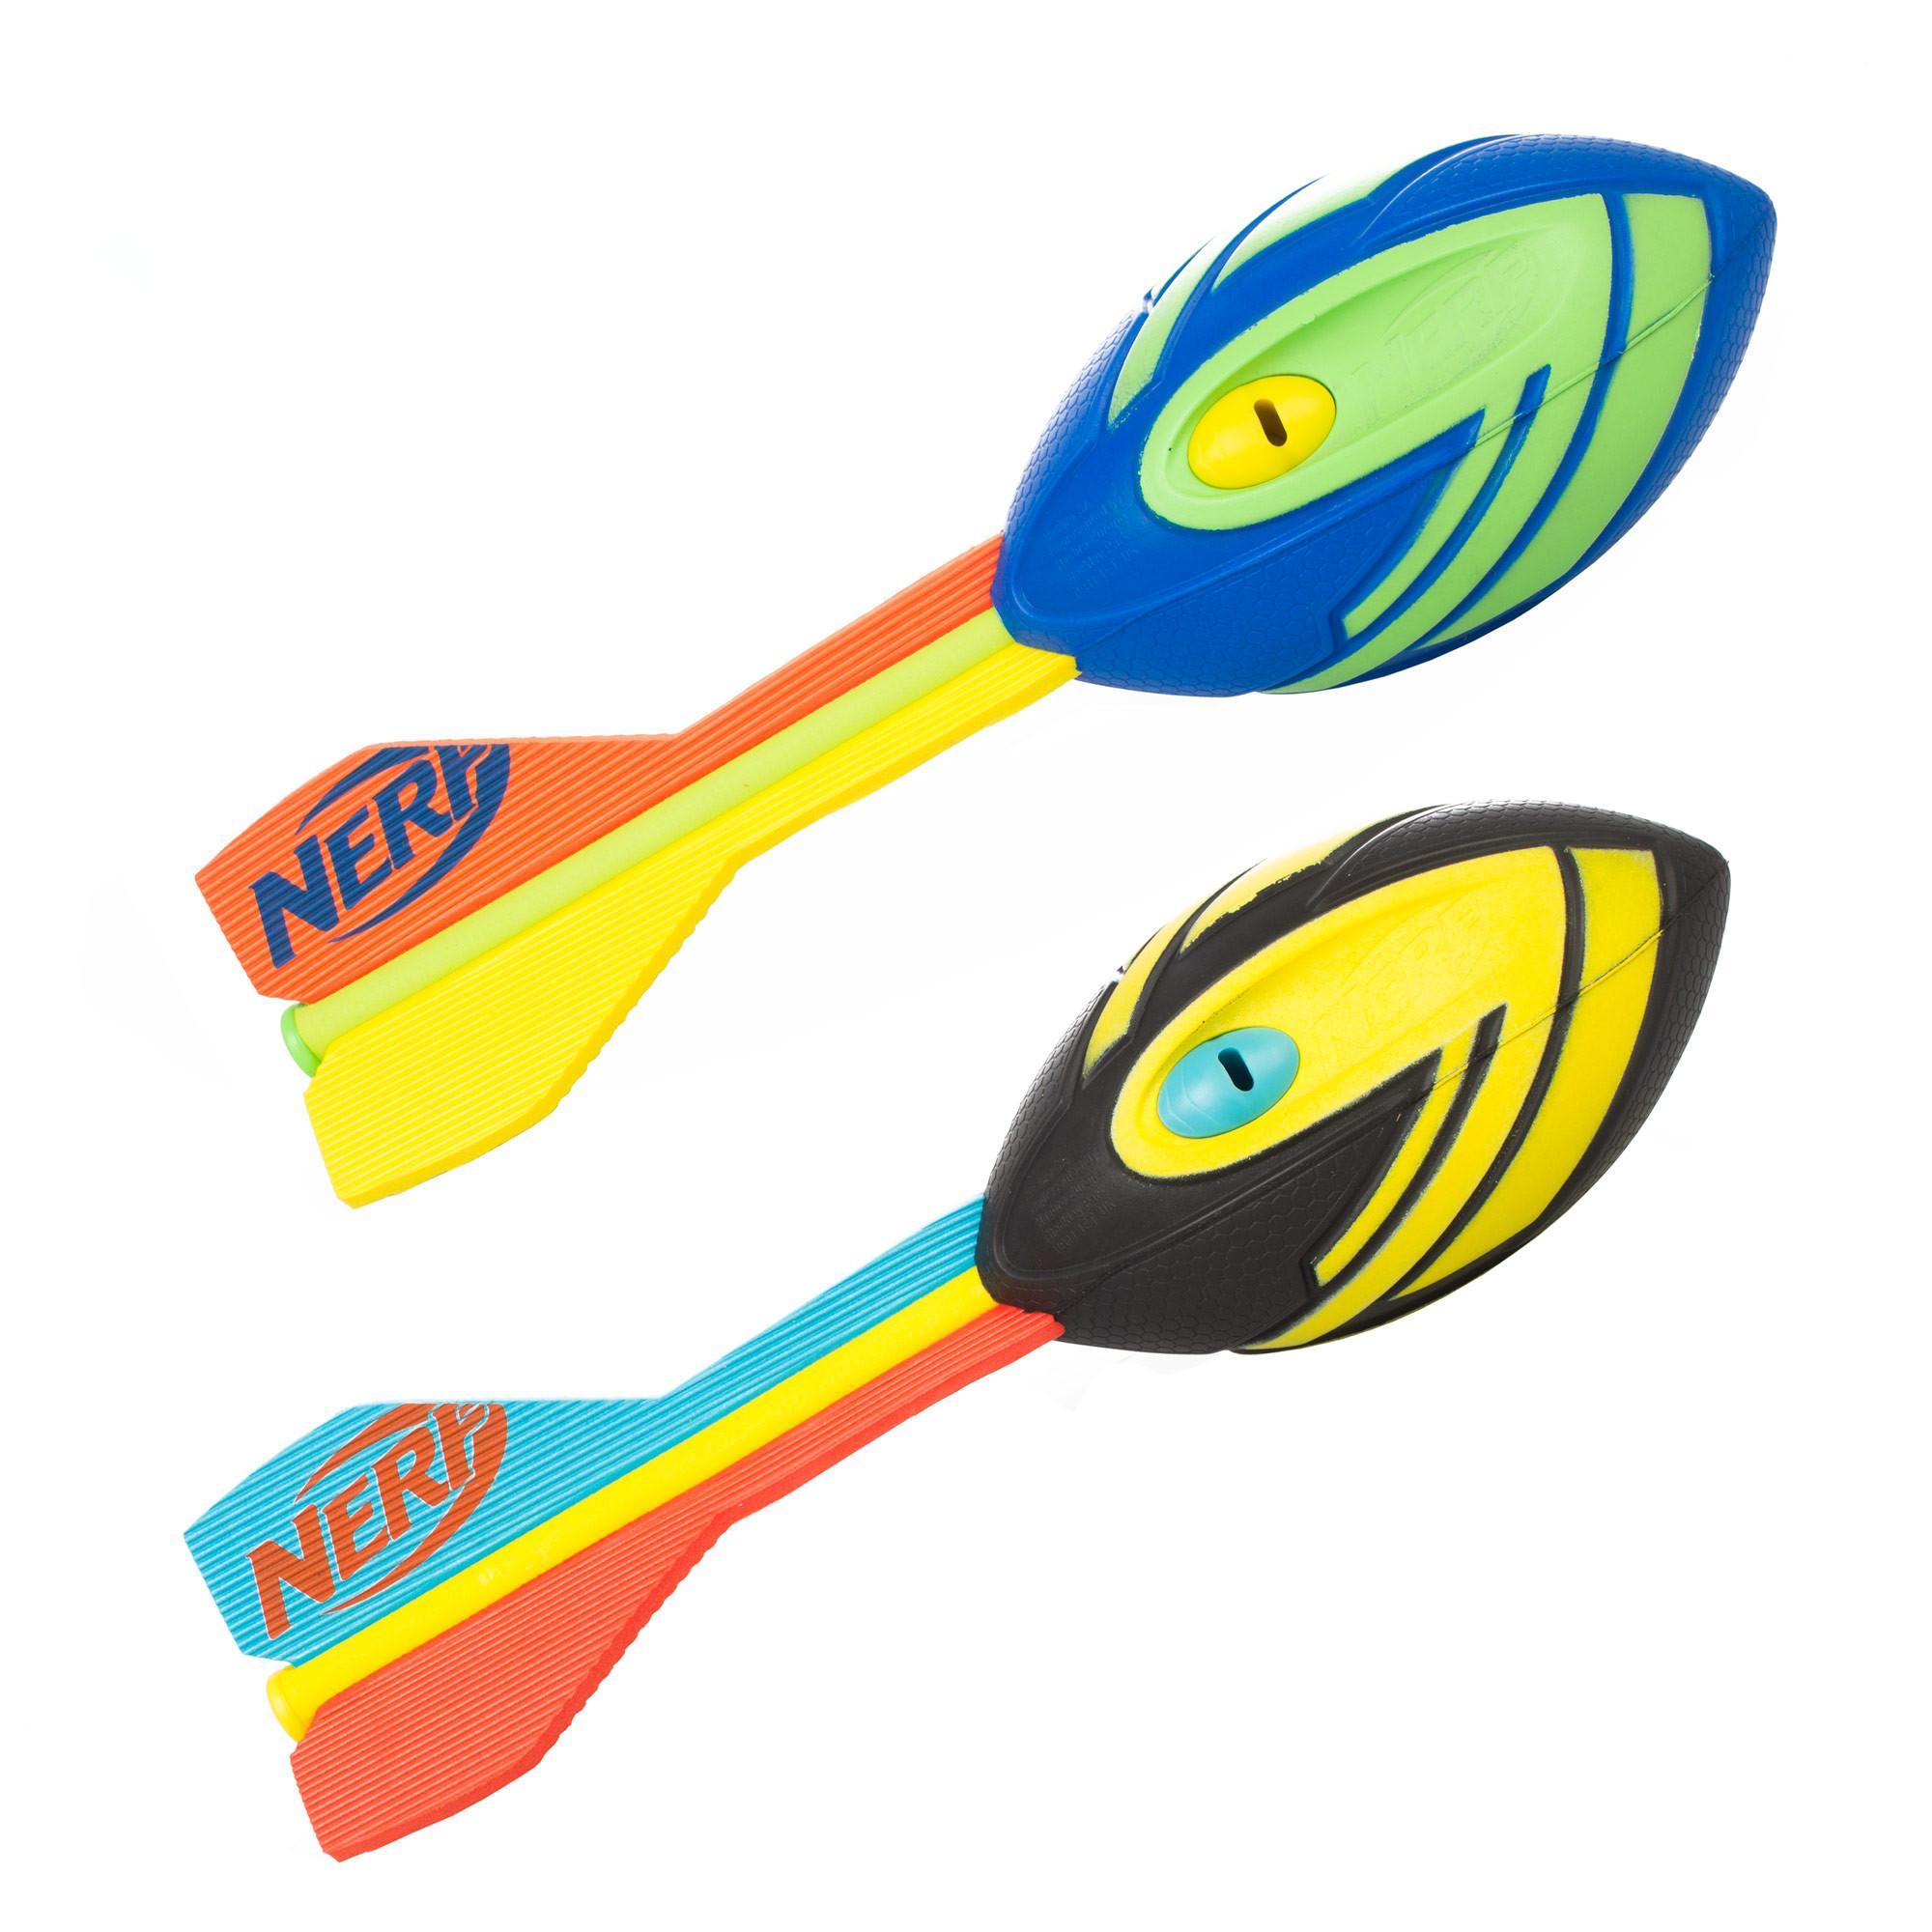 nerf-aero-howler-3